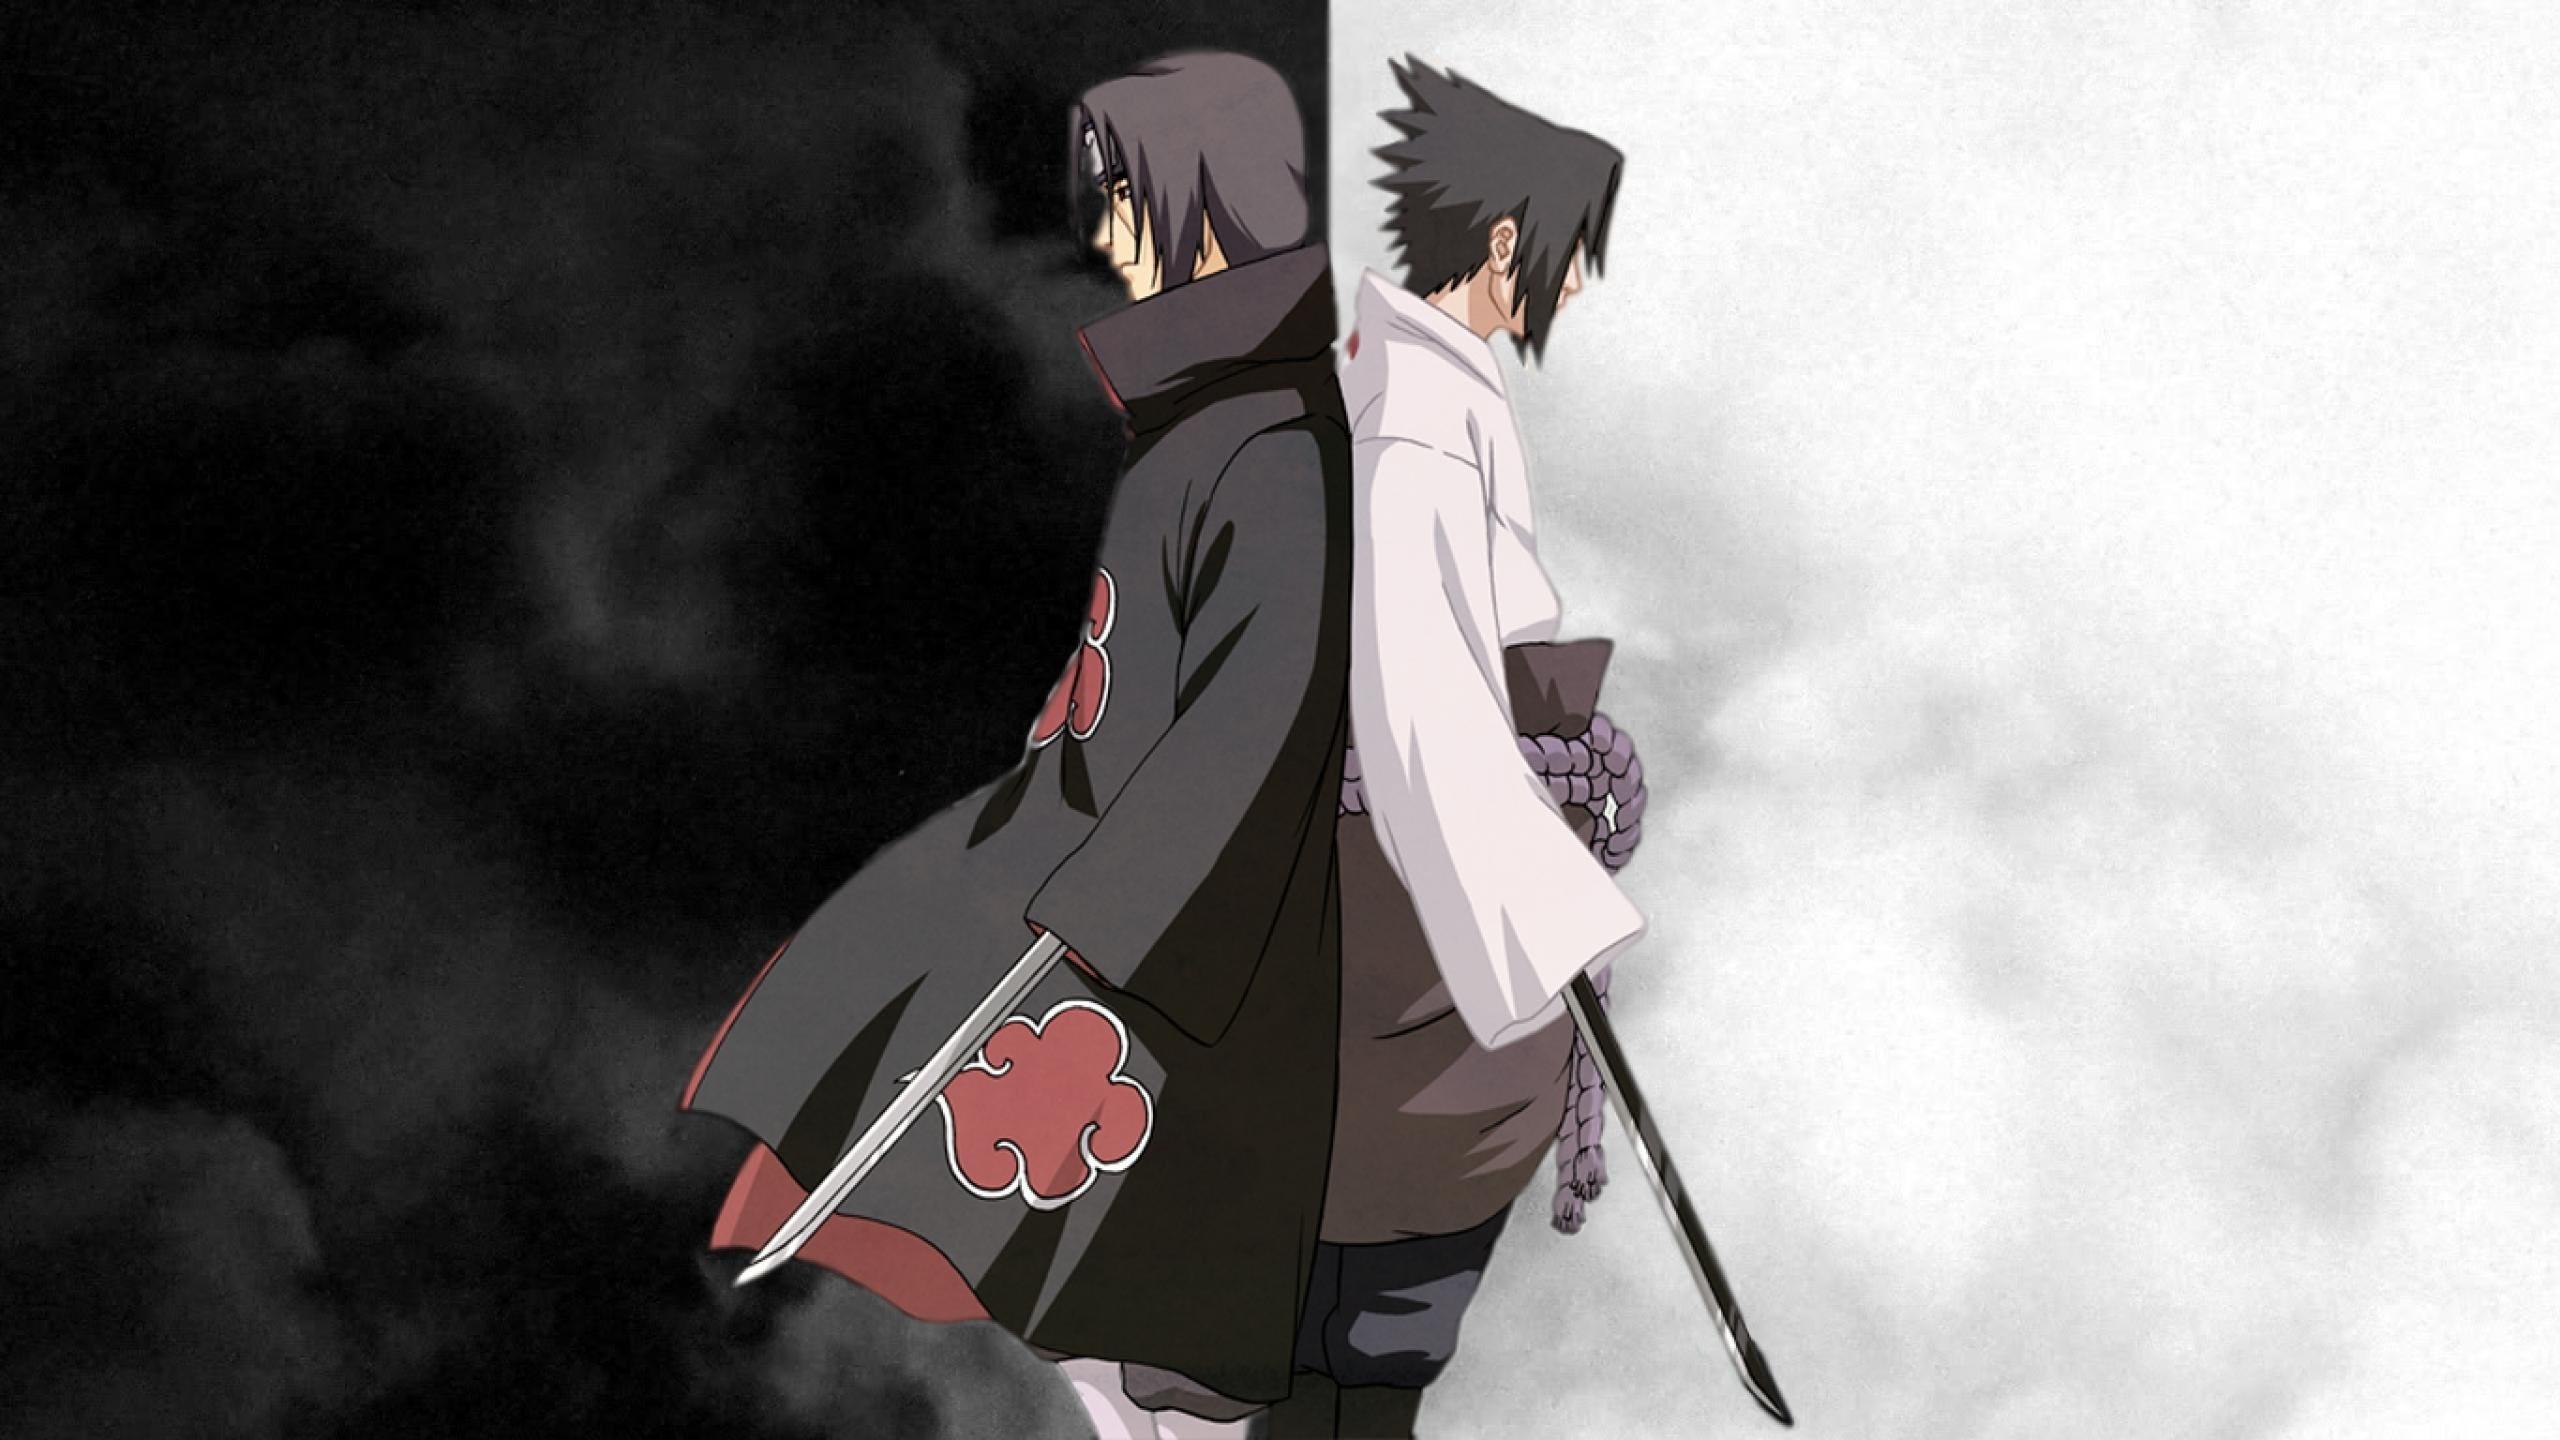 [AMV] Sasuke and Itachi Uchiha – Dream – YouTube